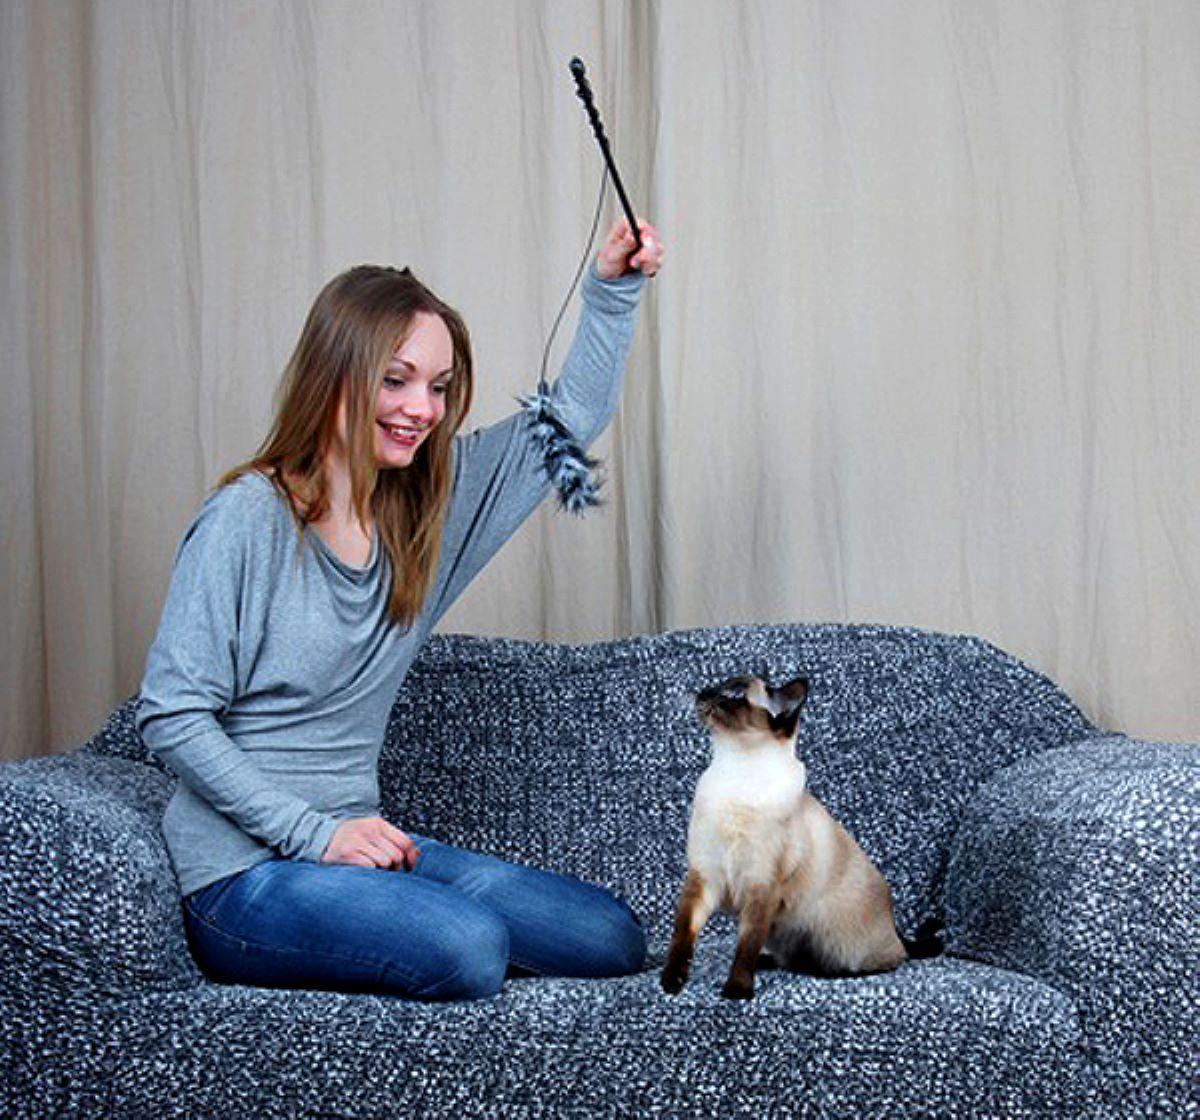 gatto-sul-divano-che-gioca